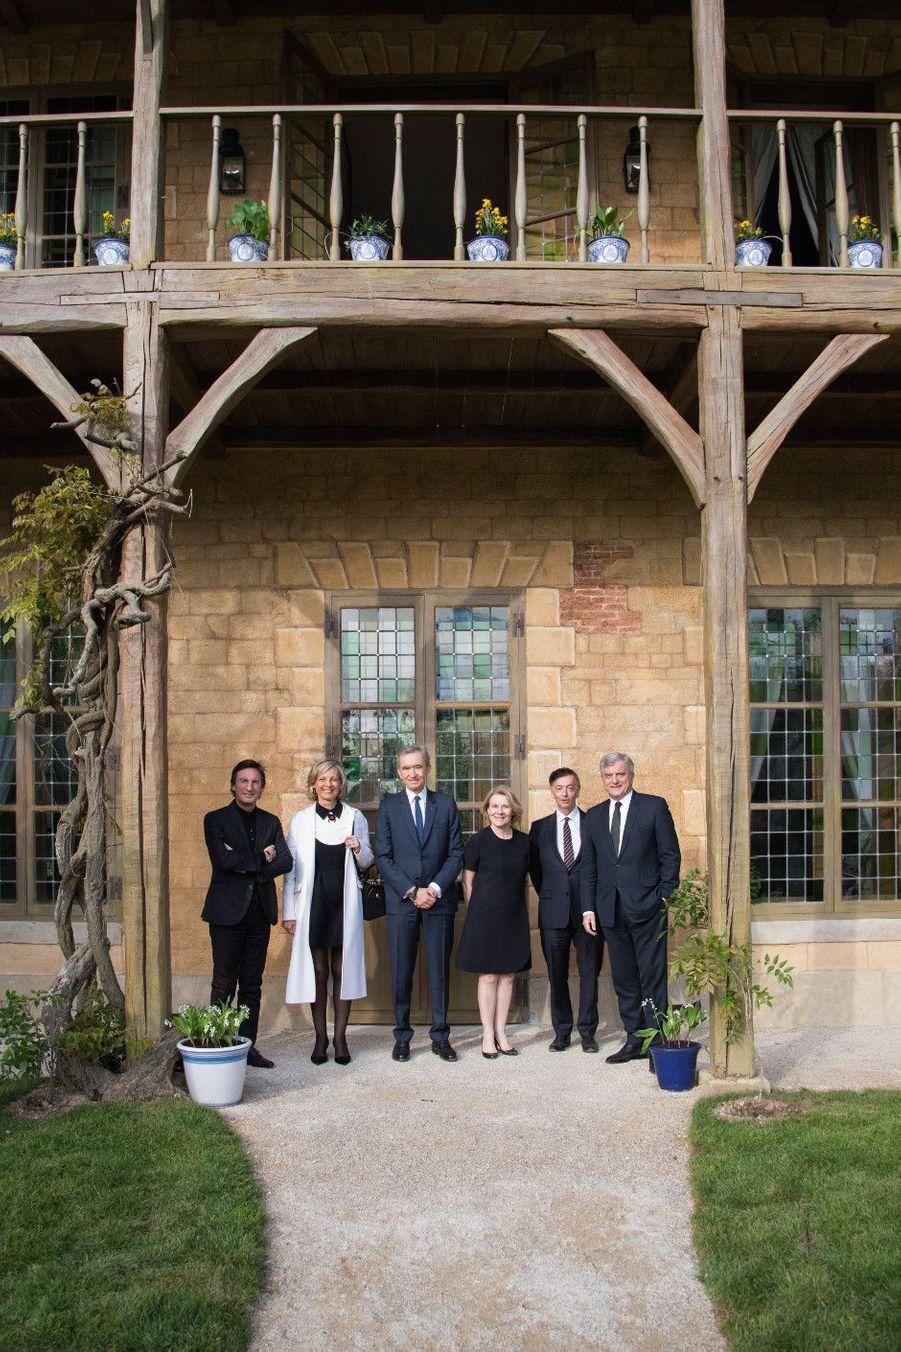 De g. à dr. : M. Pietro Beccari, P-DG de Christian Dior couture, Mme Hélène Mercier-Arnault, M. Bernard Arnault, P-DG de LVMH, Mme Catherine Pégard, présidente du château de Versailles, M. Jean-Paul Claverie, conseiller du président de LVMH, M. Sidney Toledano, P-DG du Fashion Group LVMH.